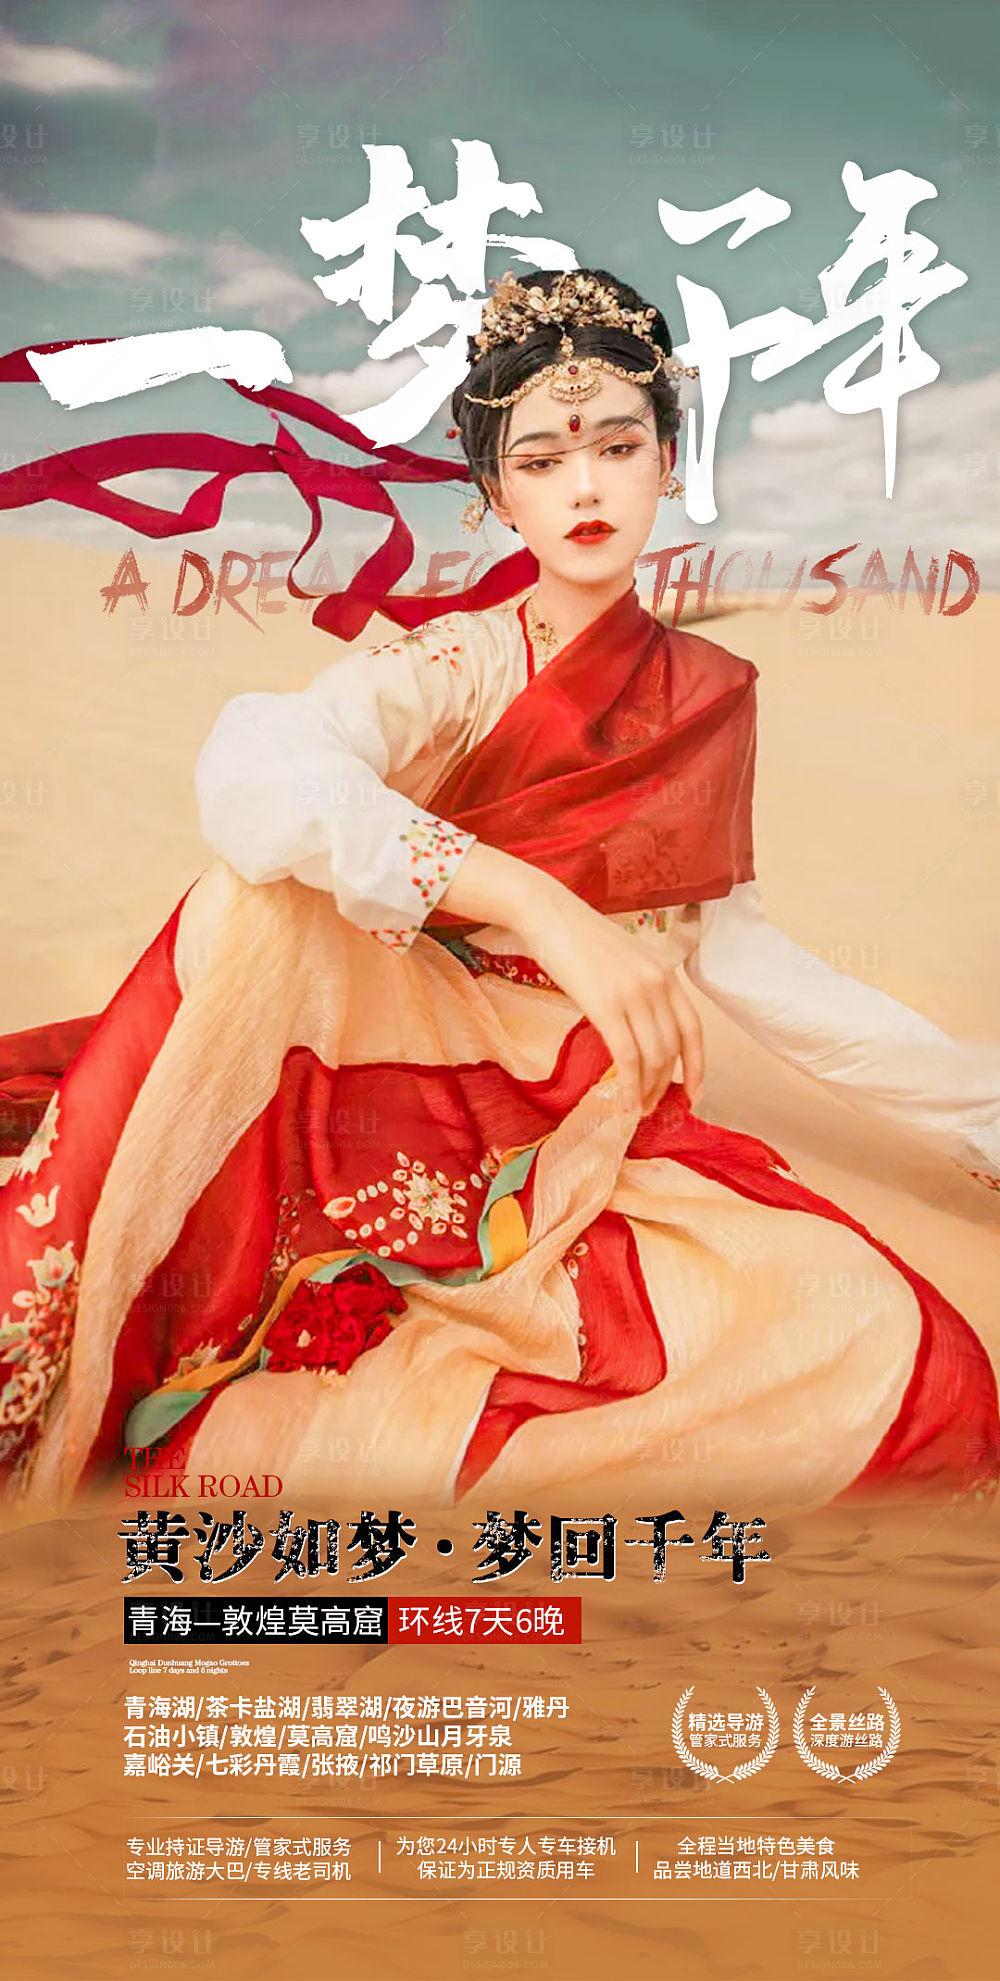 【源文件下载】 海报 旅游 莫高窟 敦煌 青海 人物 设计作品 设计图集